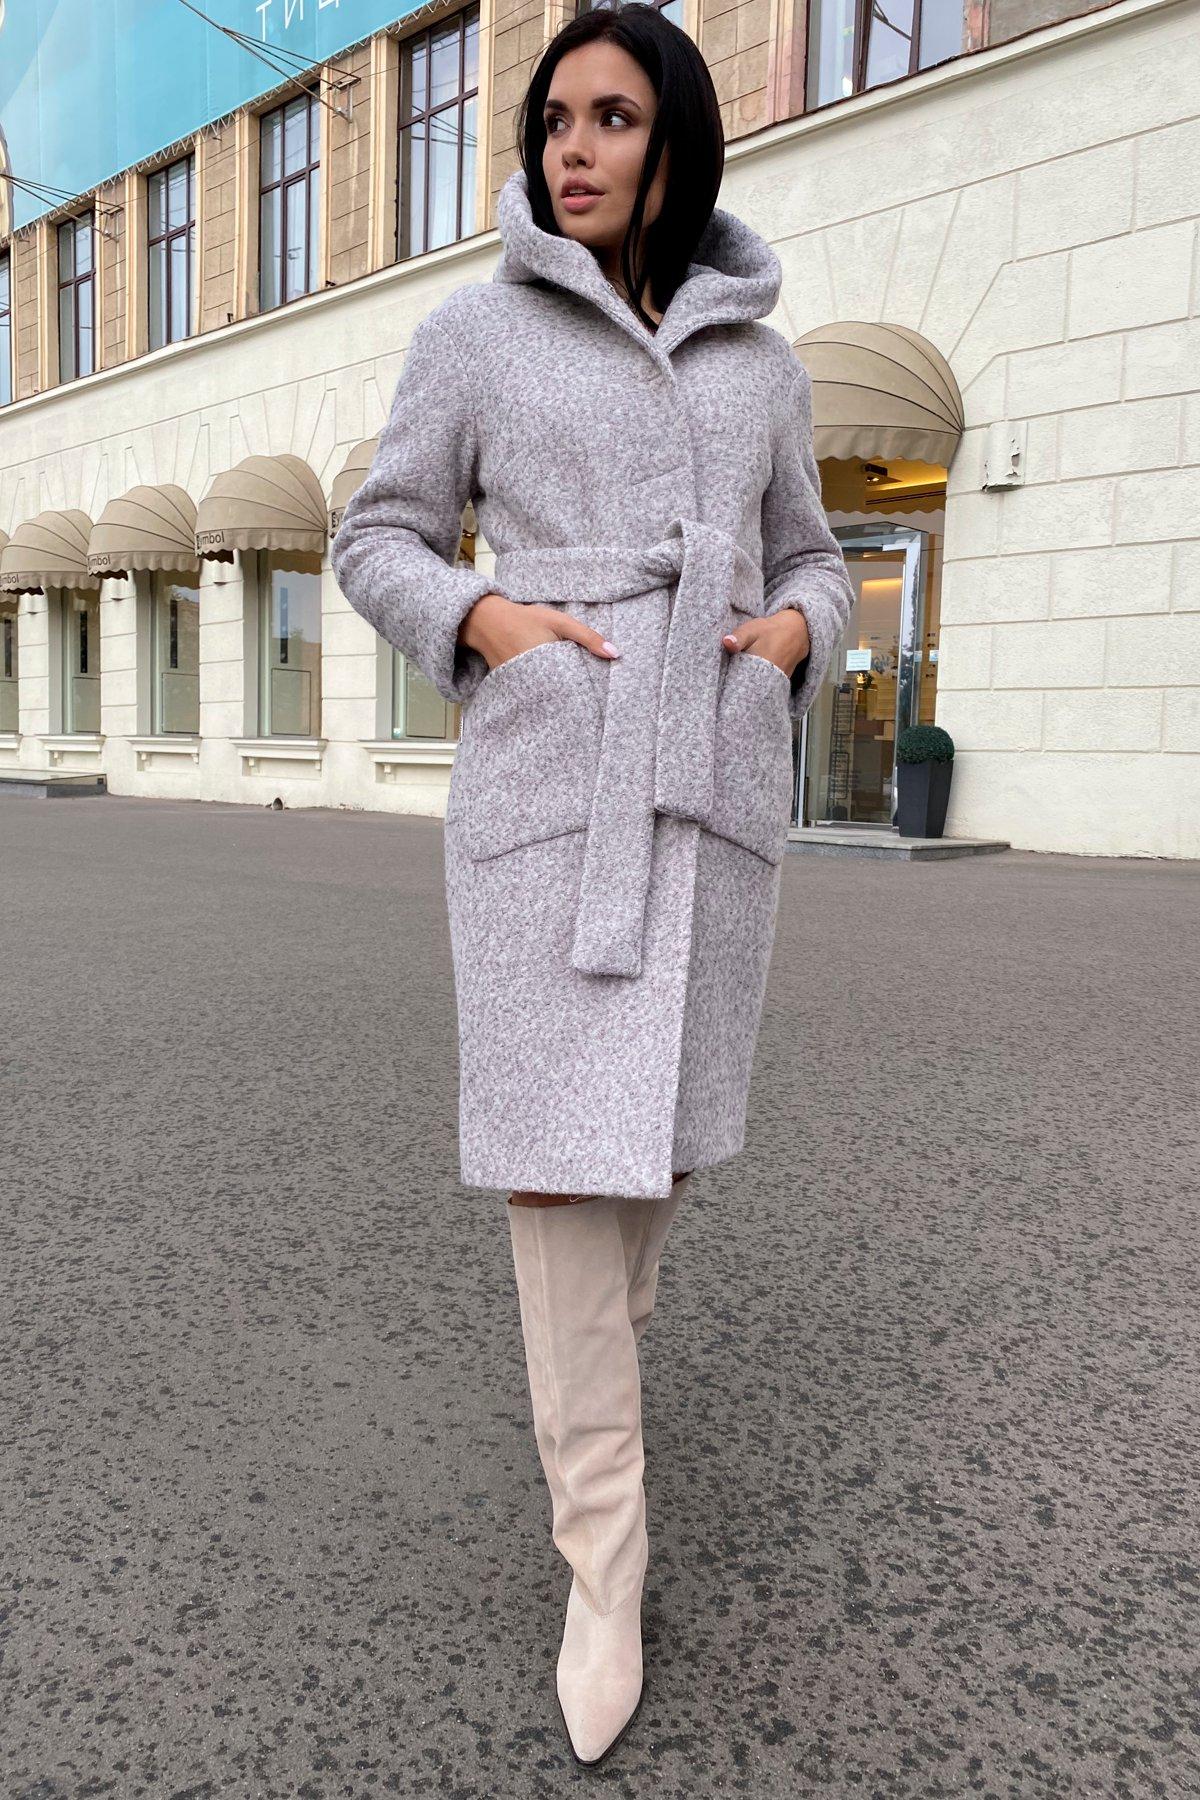 Пальто зима шерсть букле Анита 8320 АРТ. 44439 Цвет: Серый/бежевый 24 - фото 19, интернет магазин tm-modus.ru